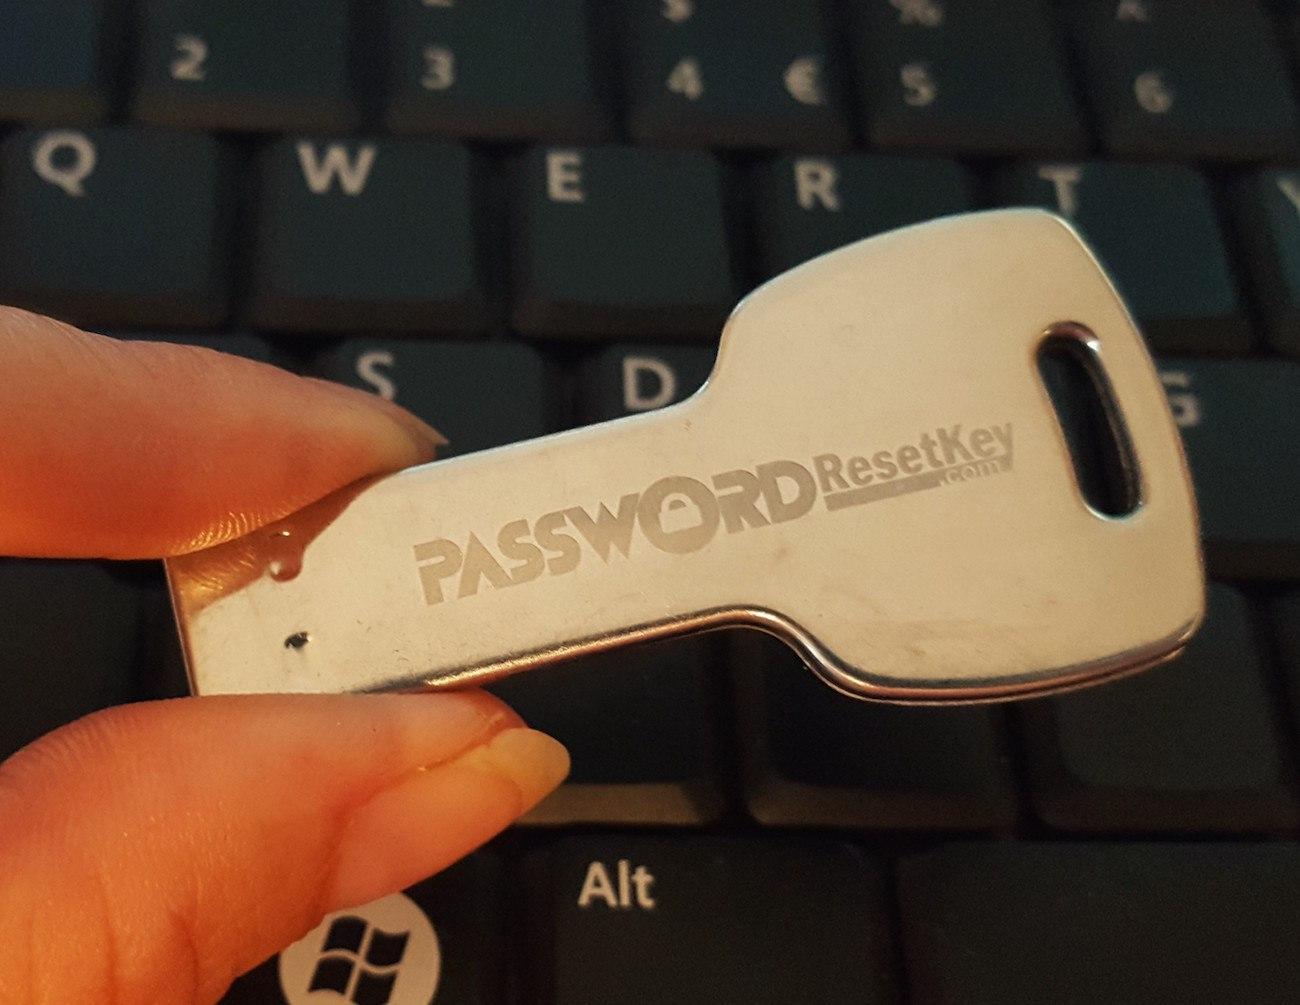 Password Reset Key 2.0